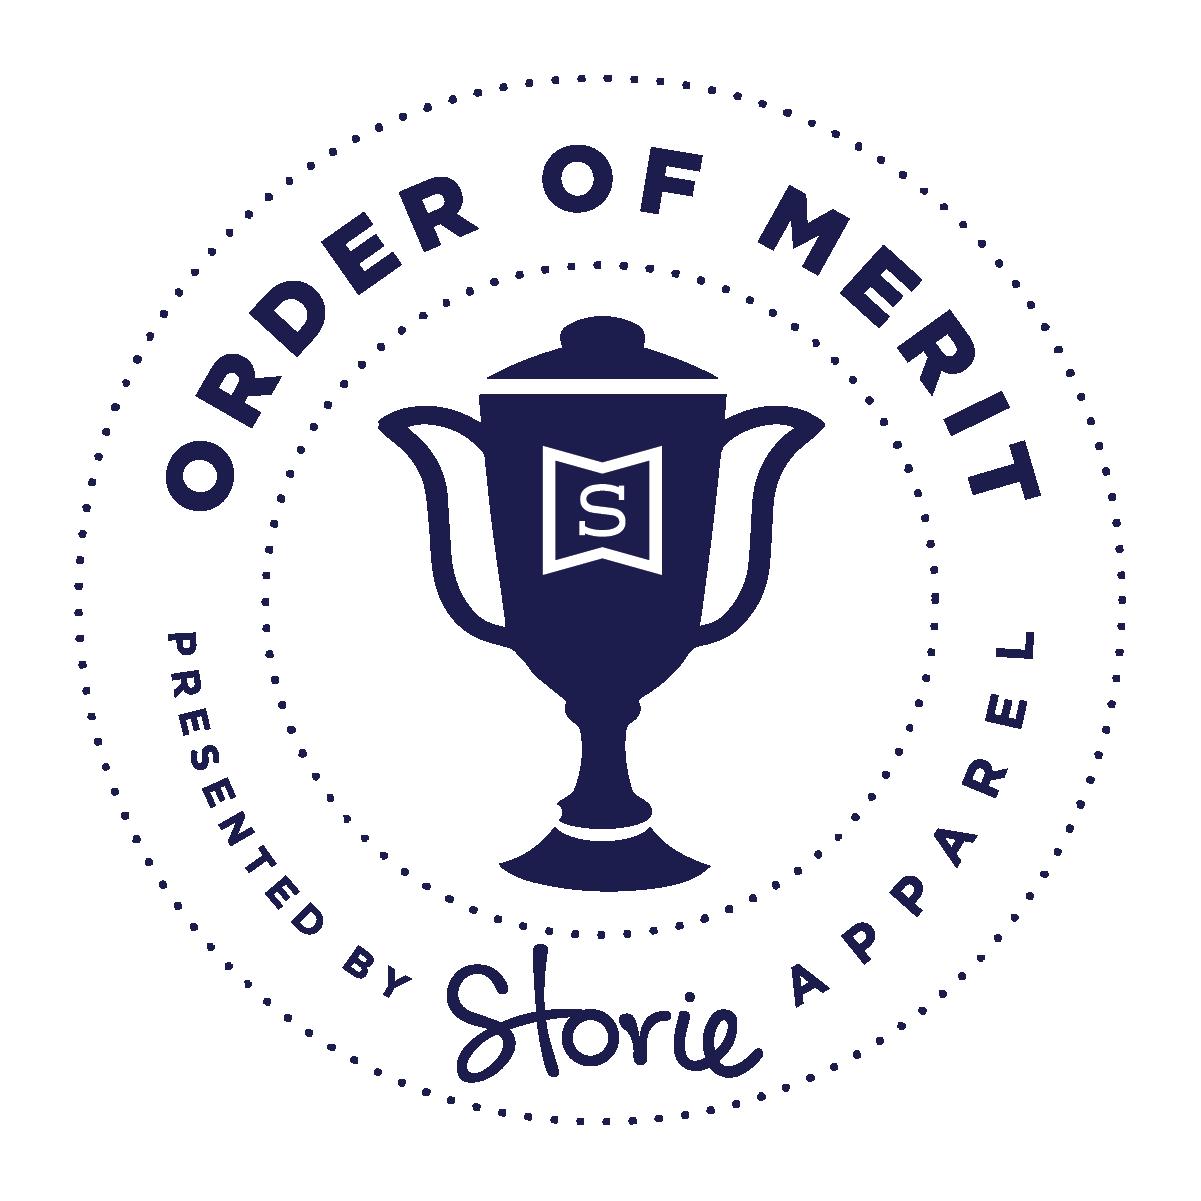 Storie Order of Merit